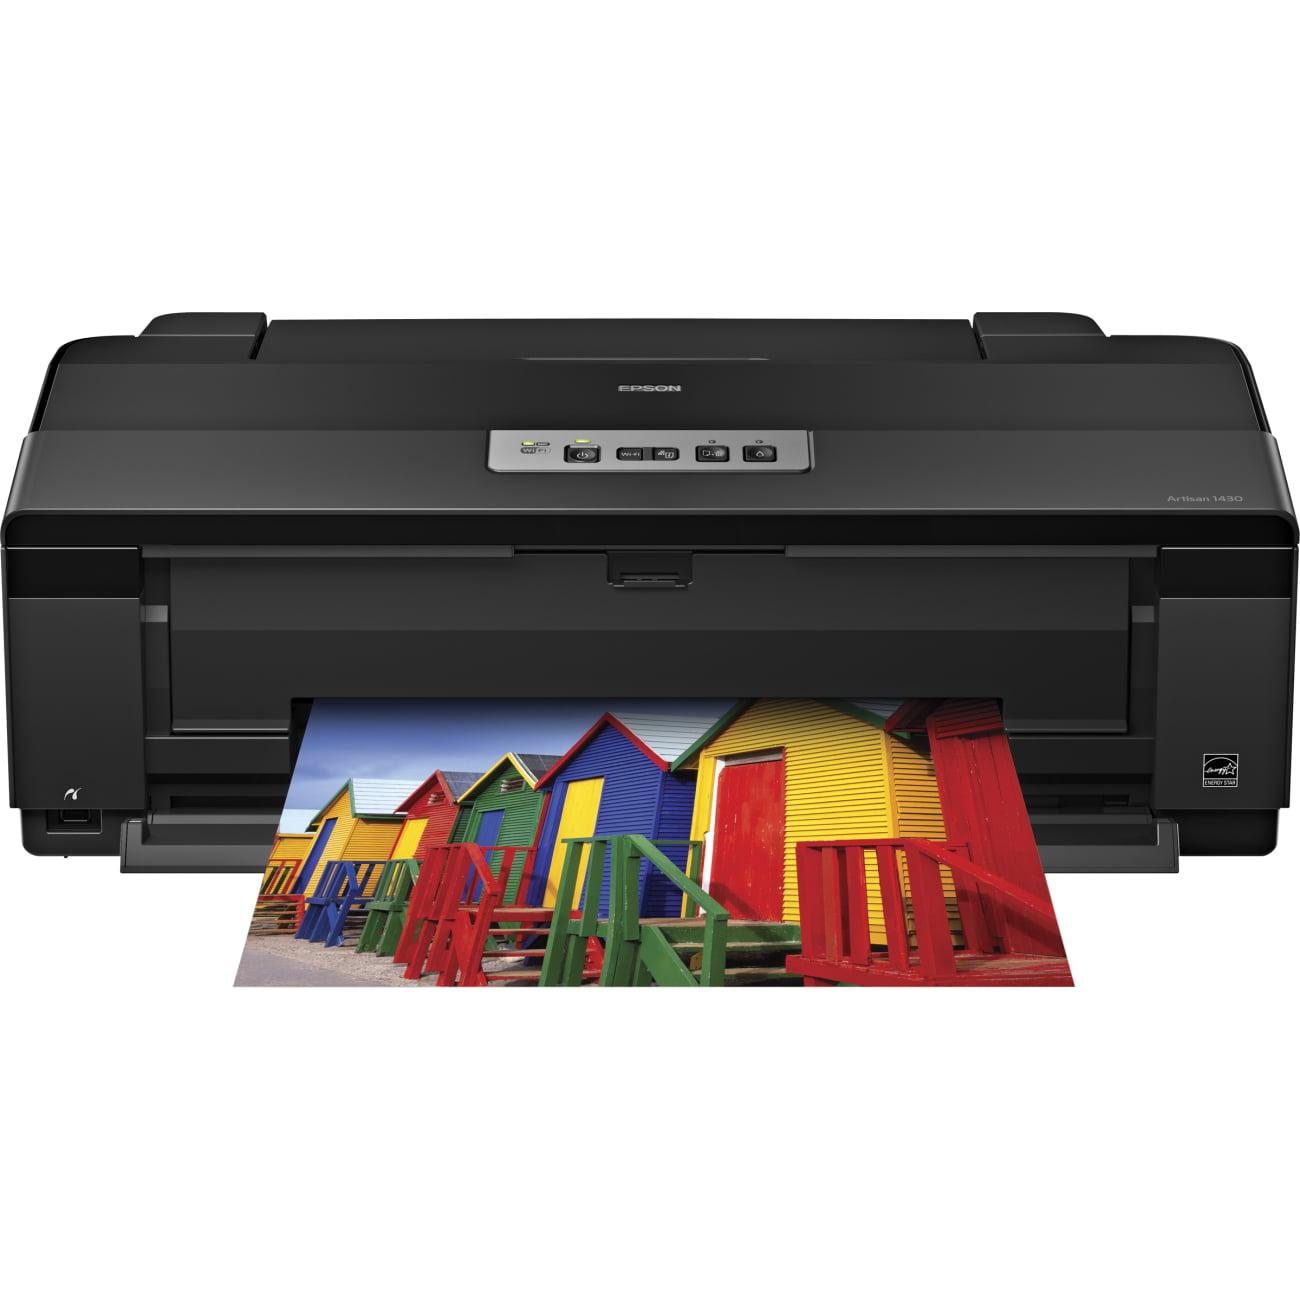 Epson Artisan 1430 Inkjet Printer - Color - 5760 X 1440 D...